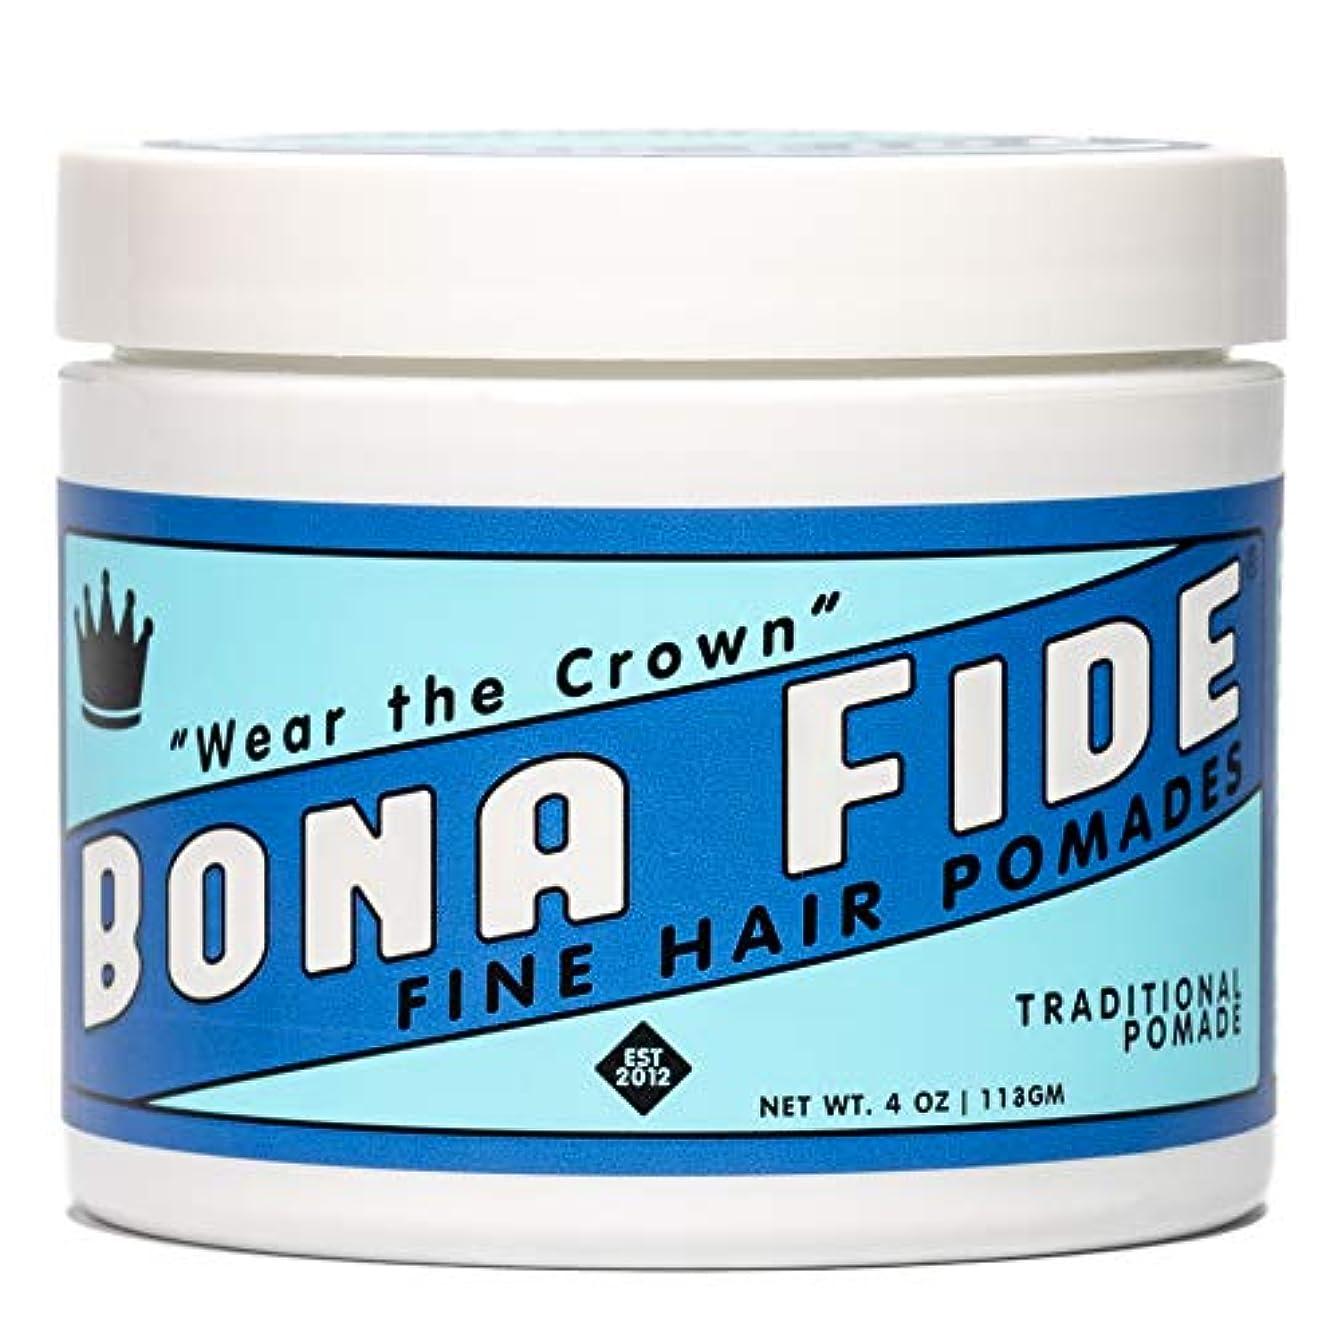 ぺディカブレザー土地Bona Fide Pomade, トラディショナルポマード, TRADITIONAL POMADE, 4oz (113g)、オイルベースポマード (整髪料/ヘアー スタイリング剤)